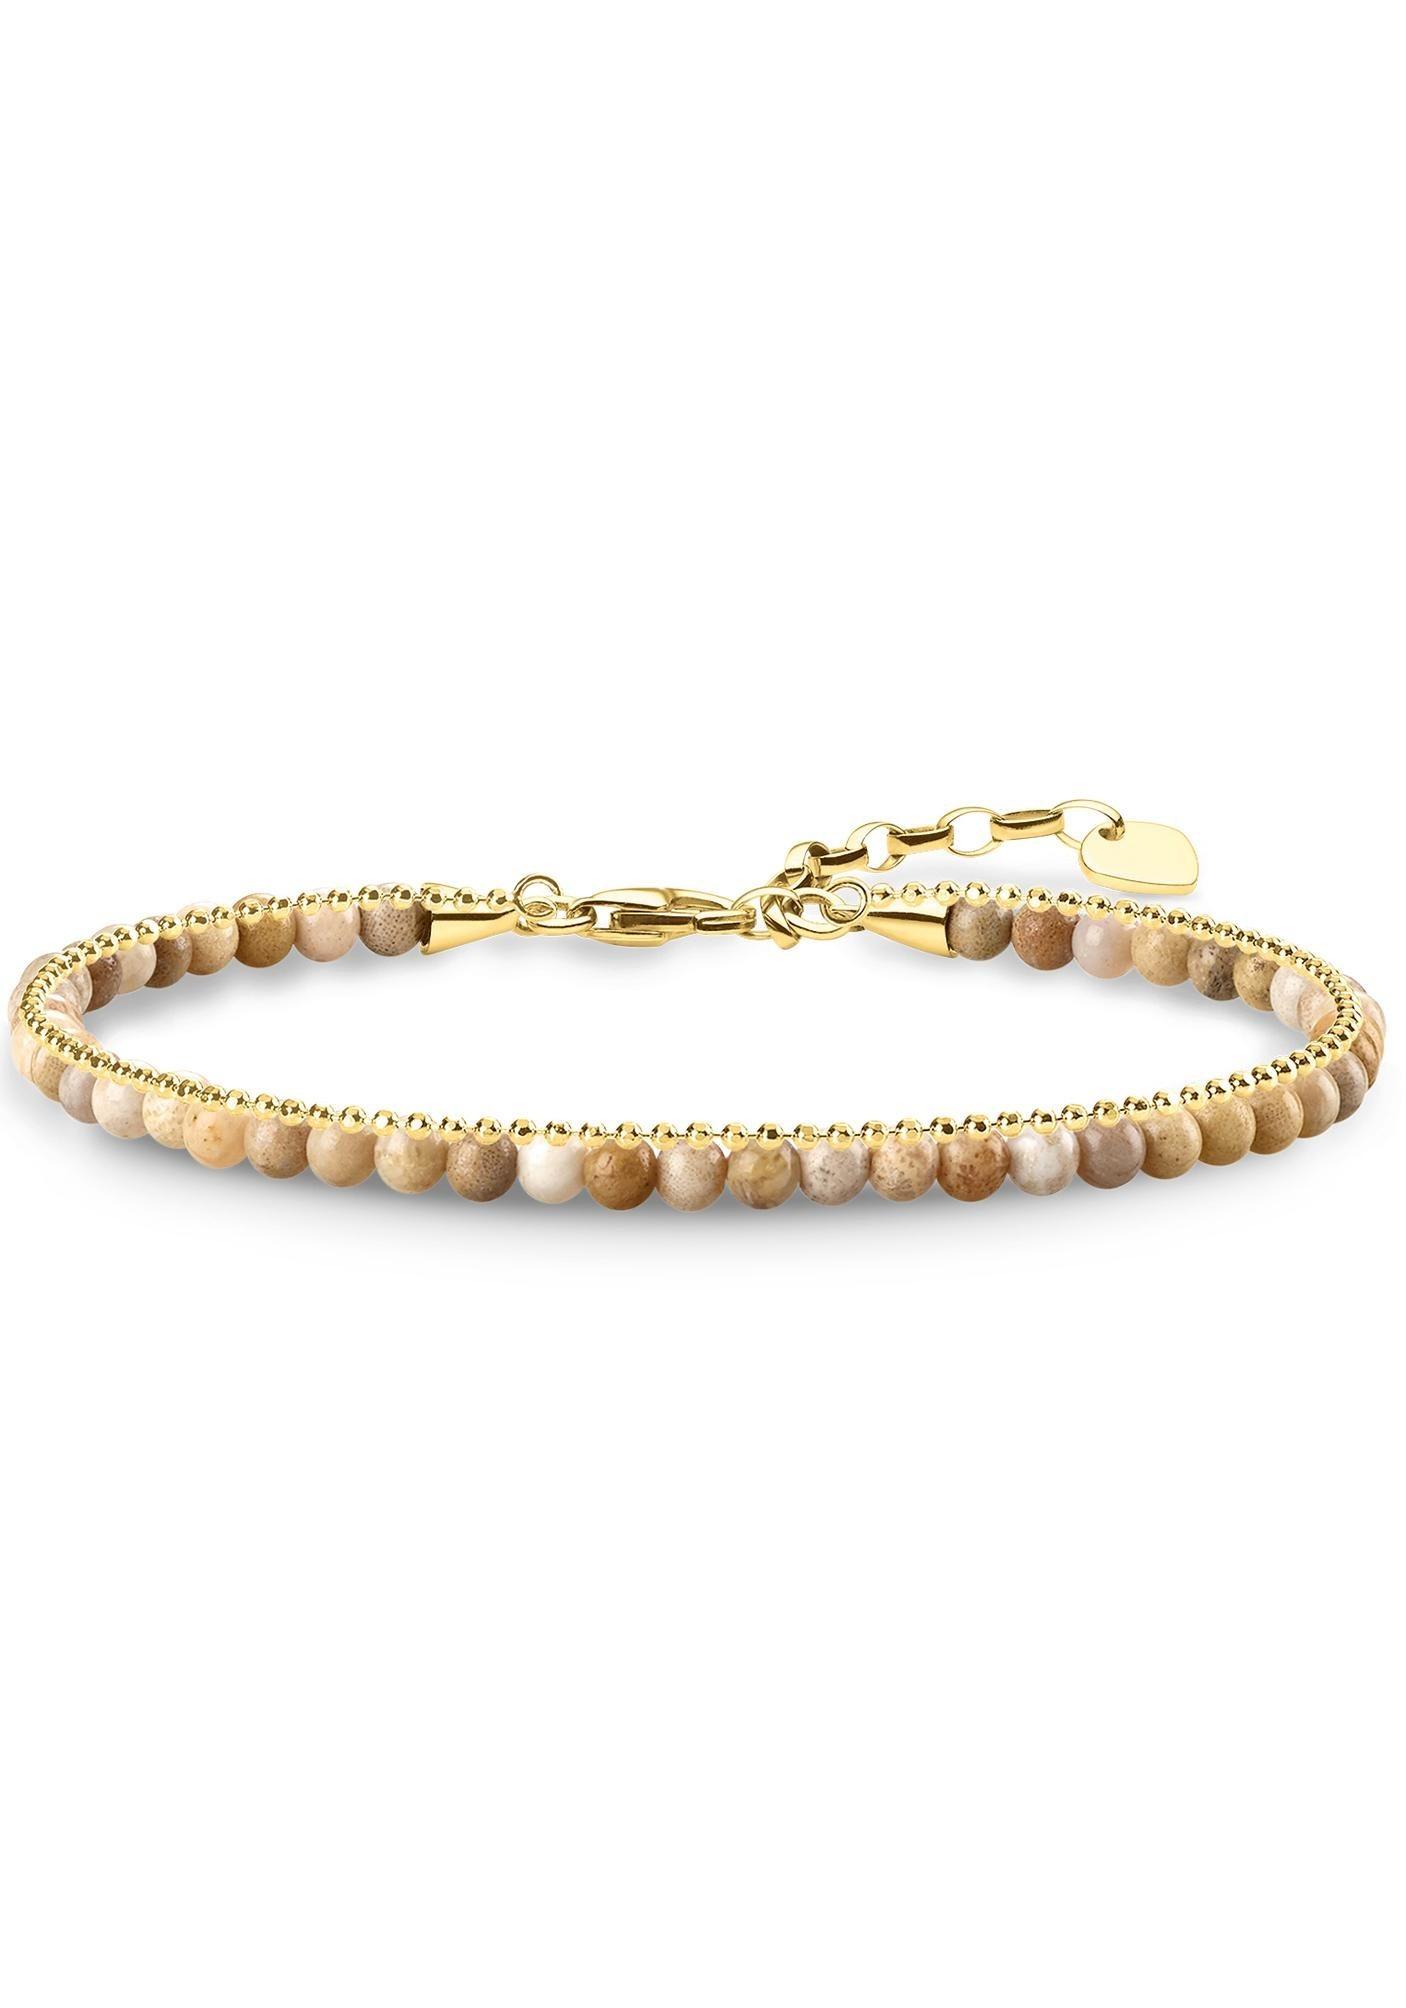 THOMAS SABO Armband »Beige, A1715-075-19-L19v«, mit Jaspis | Schmuck > Armbänder > Sonstige Armbänder | Silber | THOMAS SABO